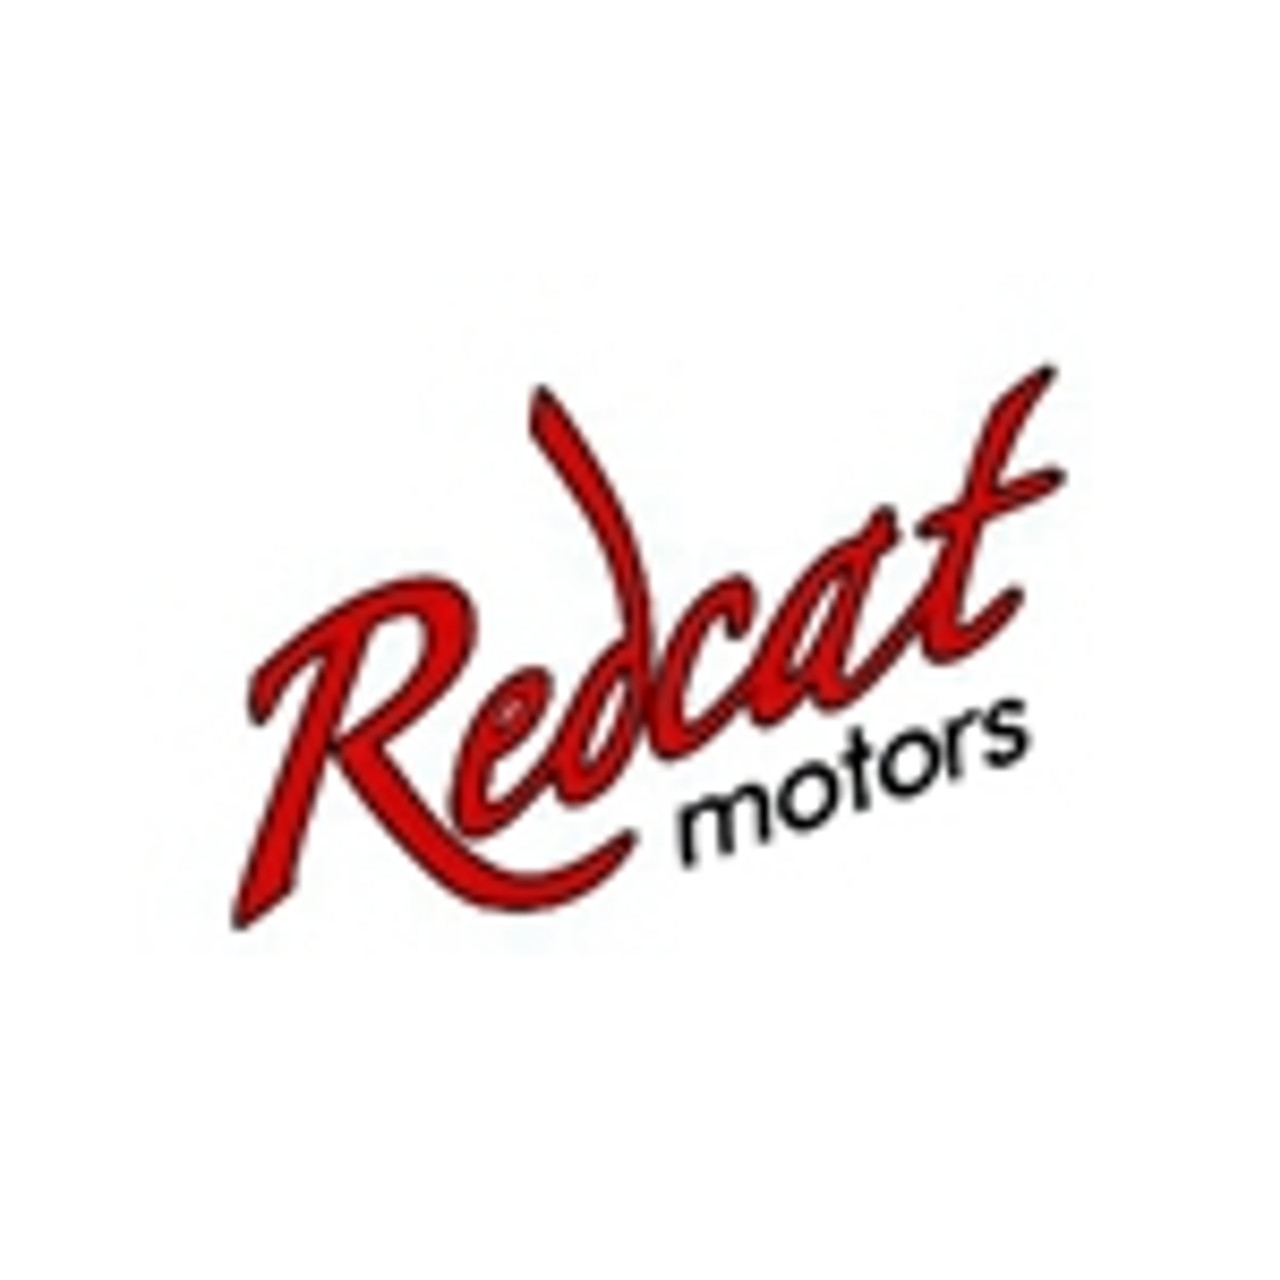 Redcat Motors